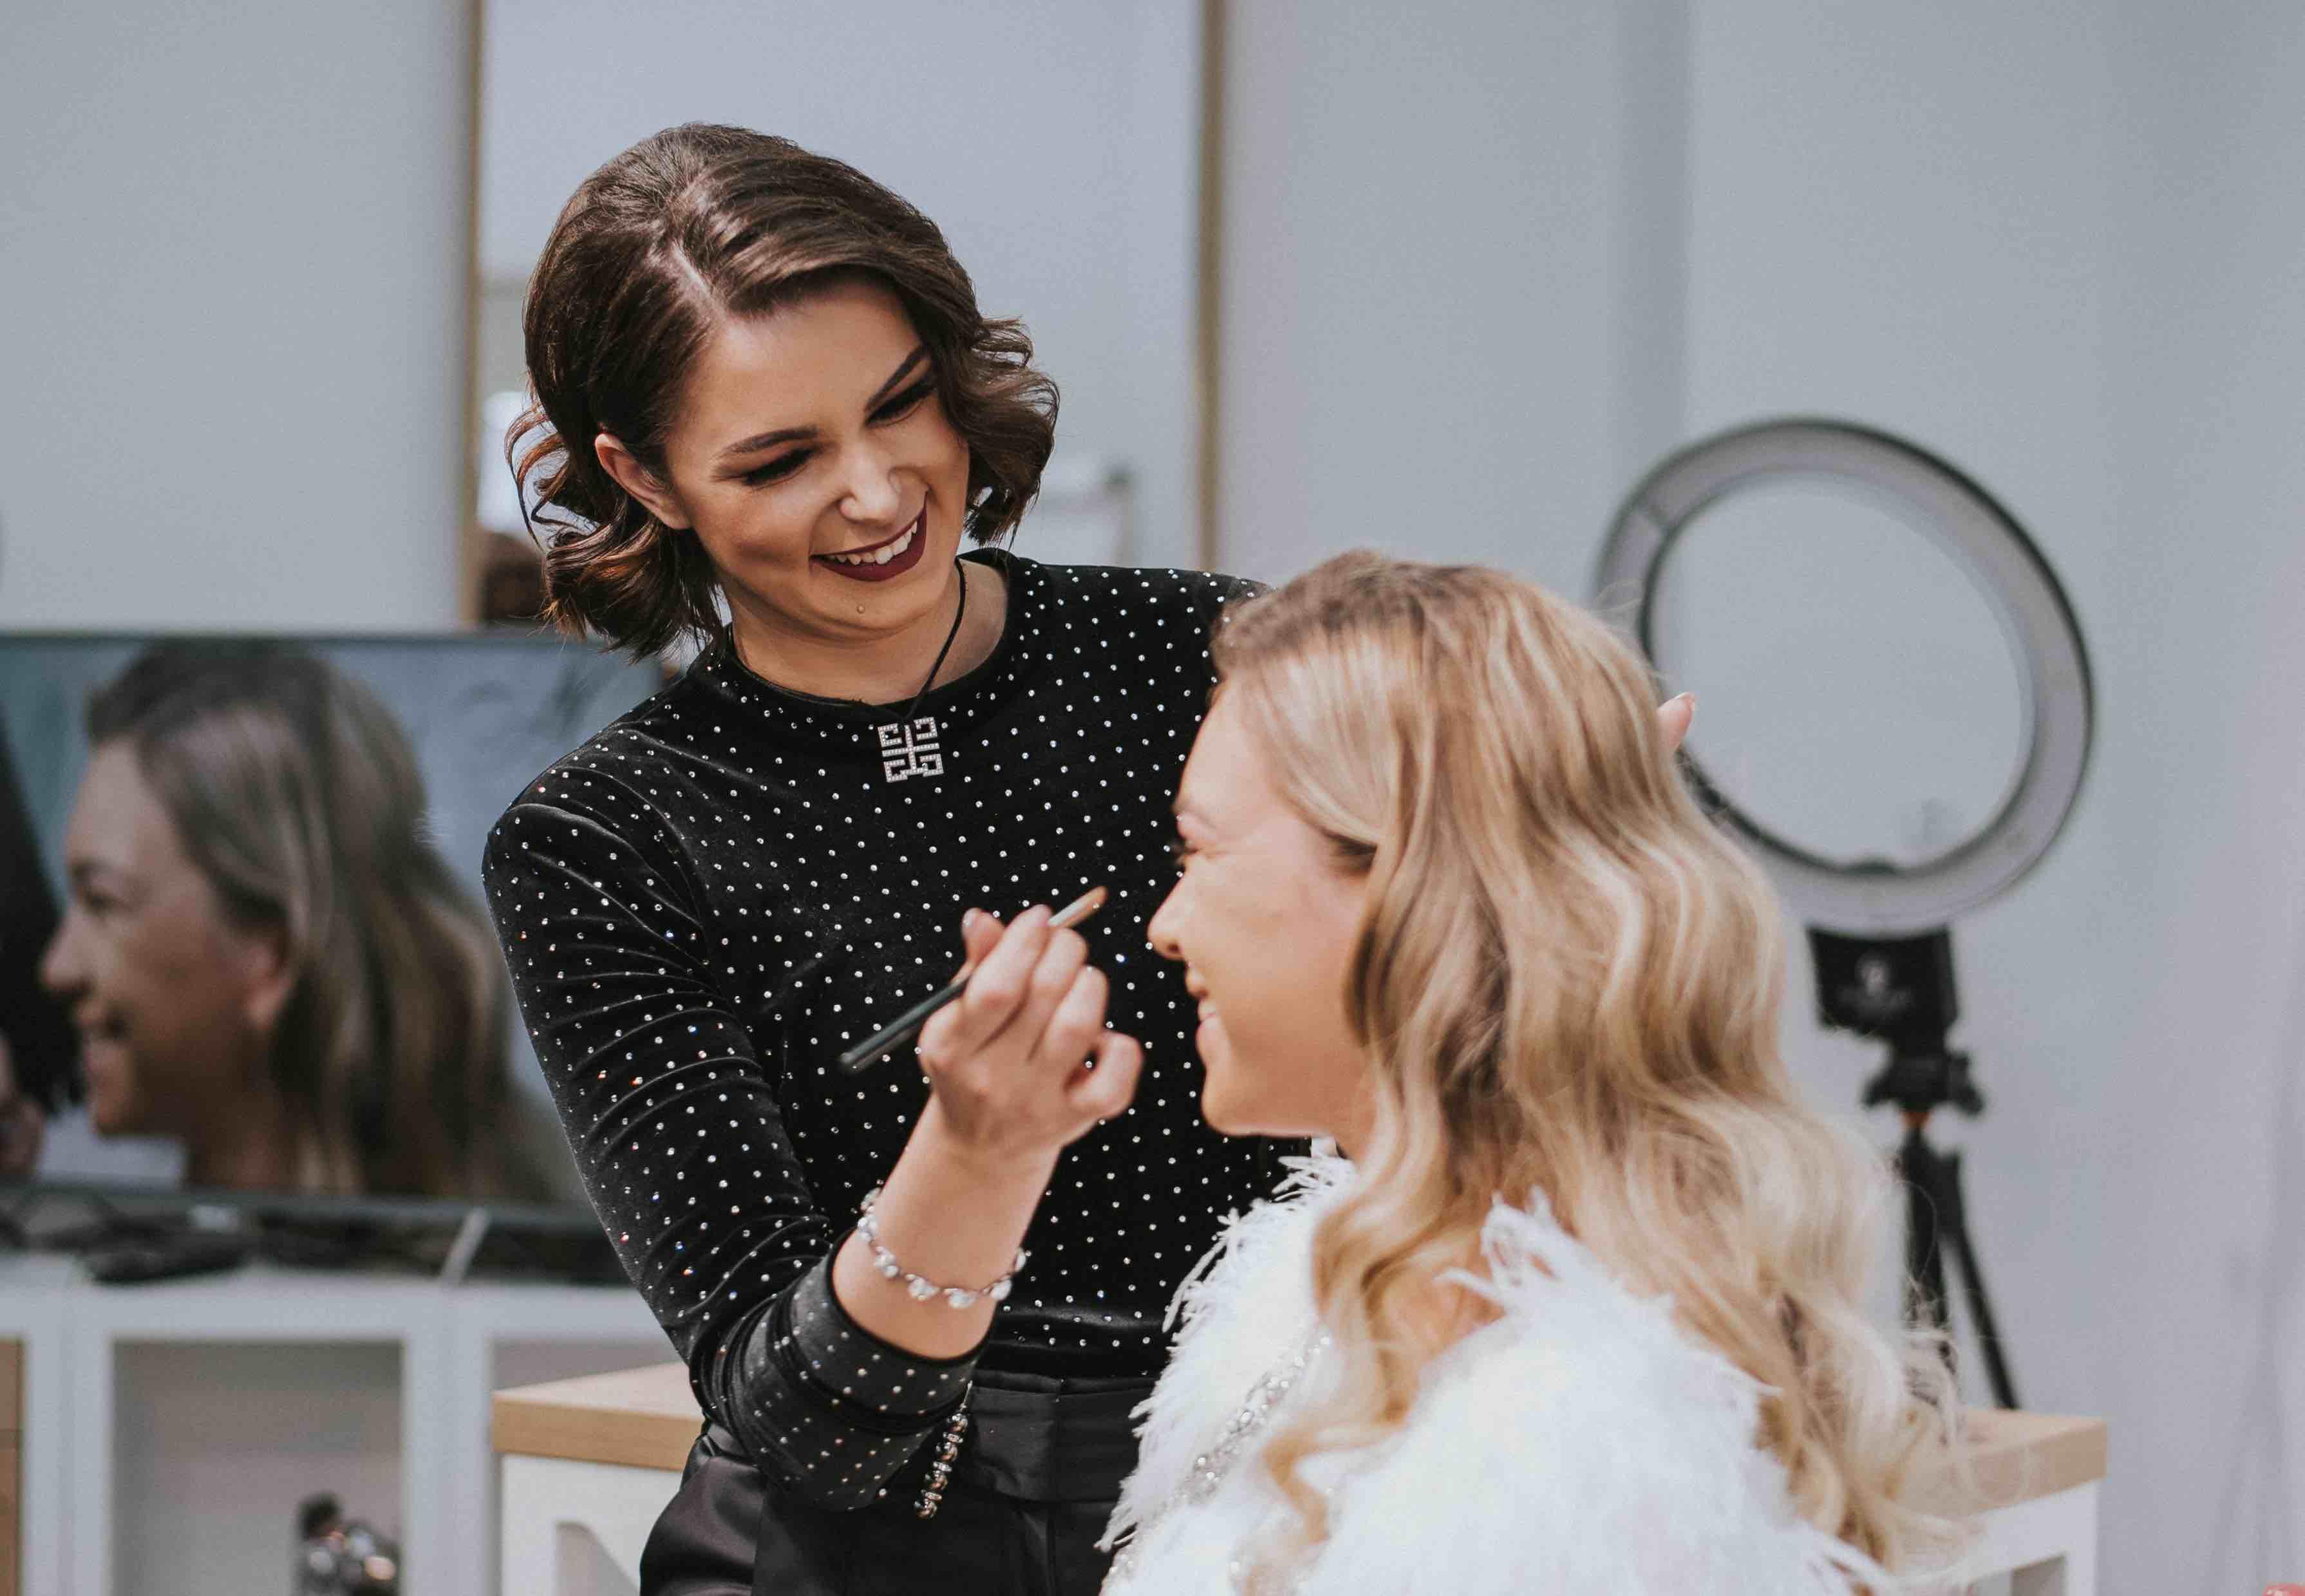 Aleksandra Gudelj rame uz rame sa svjetskim make up artistima u Manchesteru